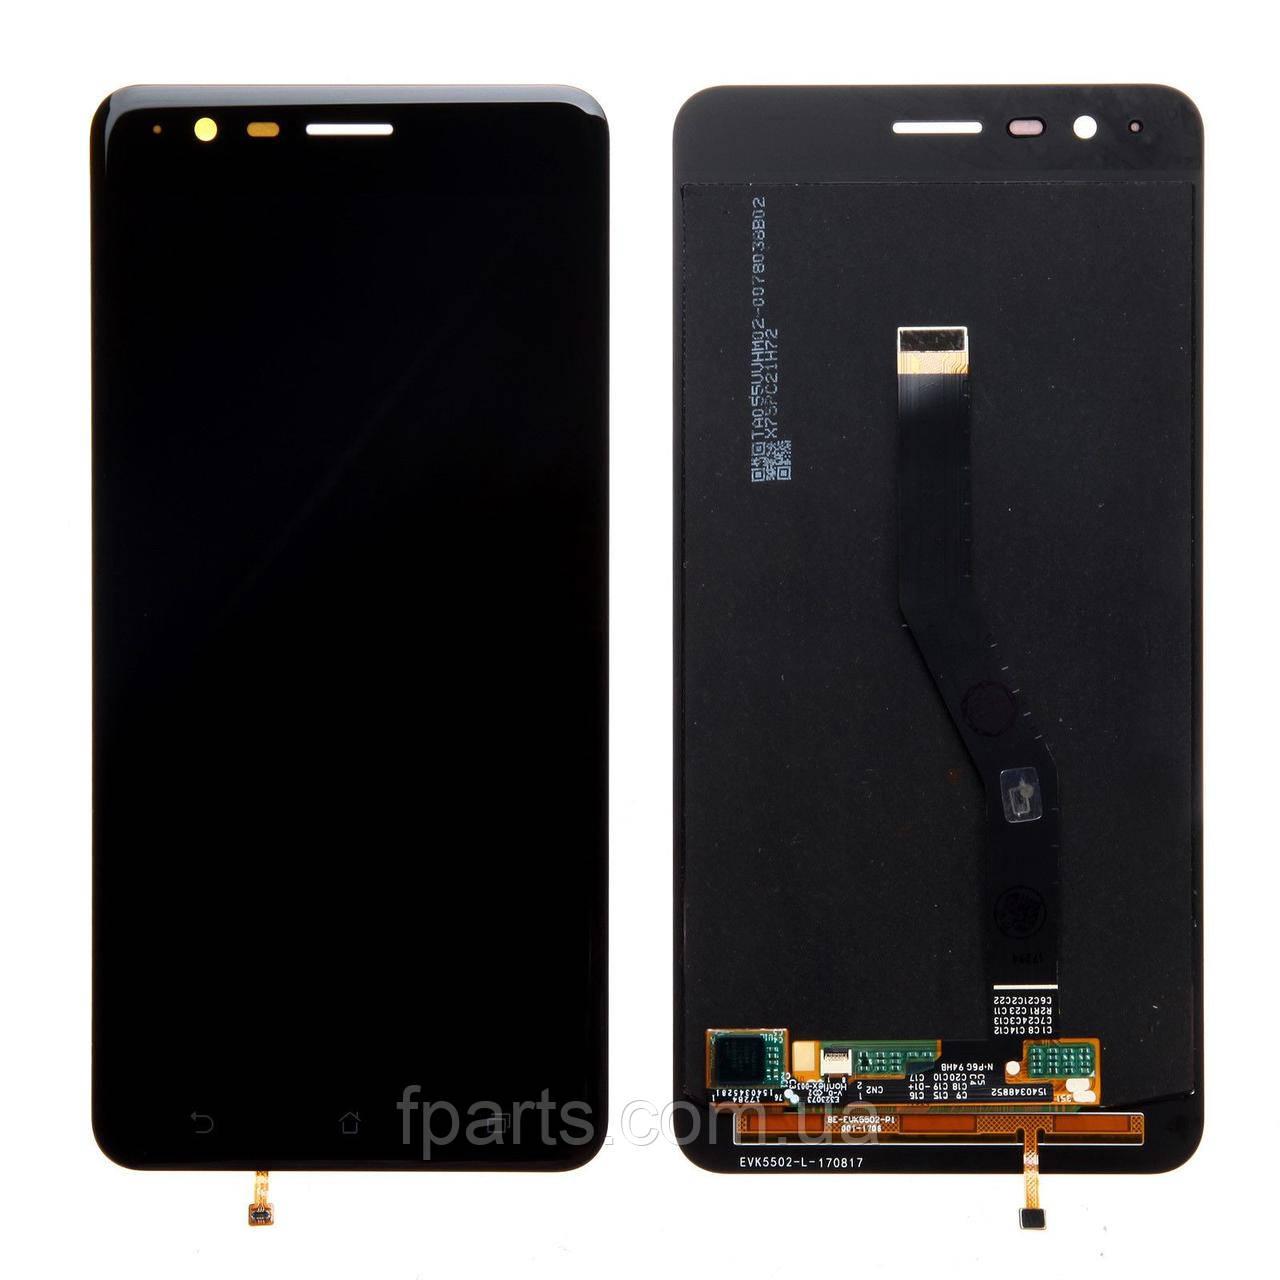 Дисплей для Asus ZenFone 3 Zoom (ZE553KL, Z01HD), с тачскрином Black